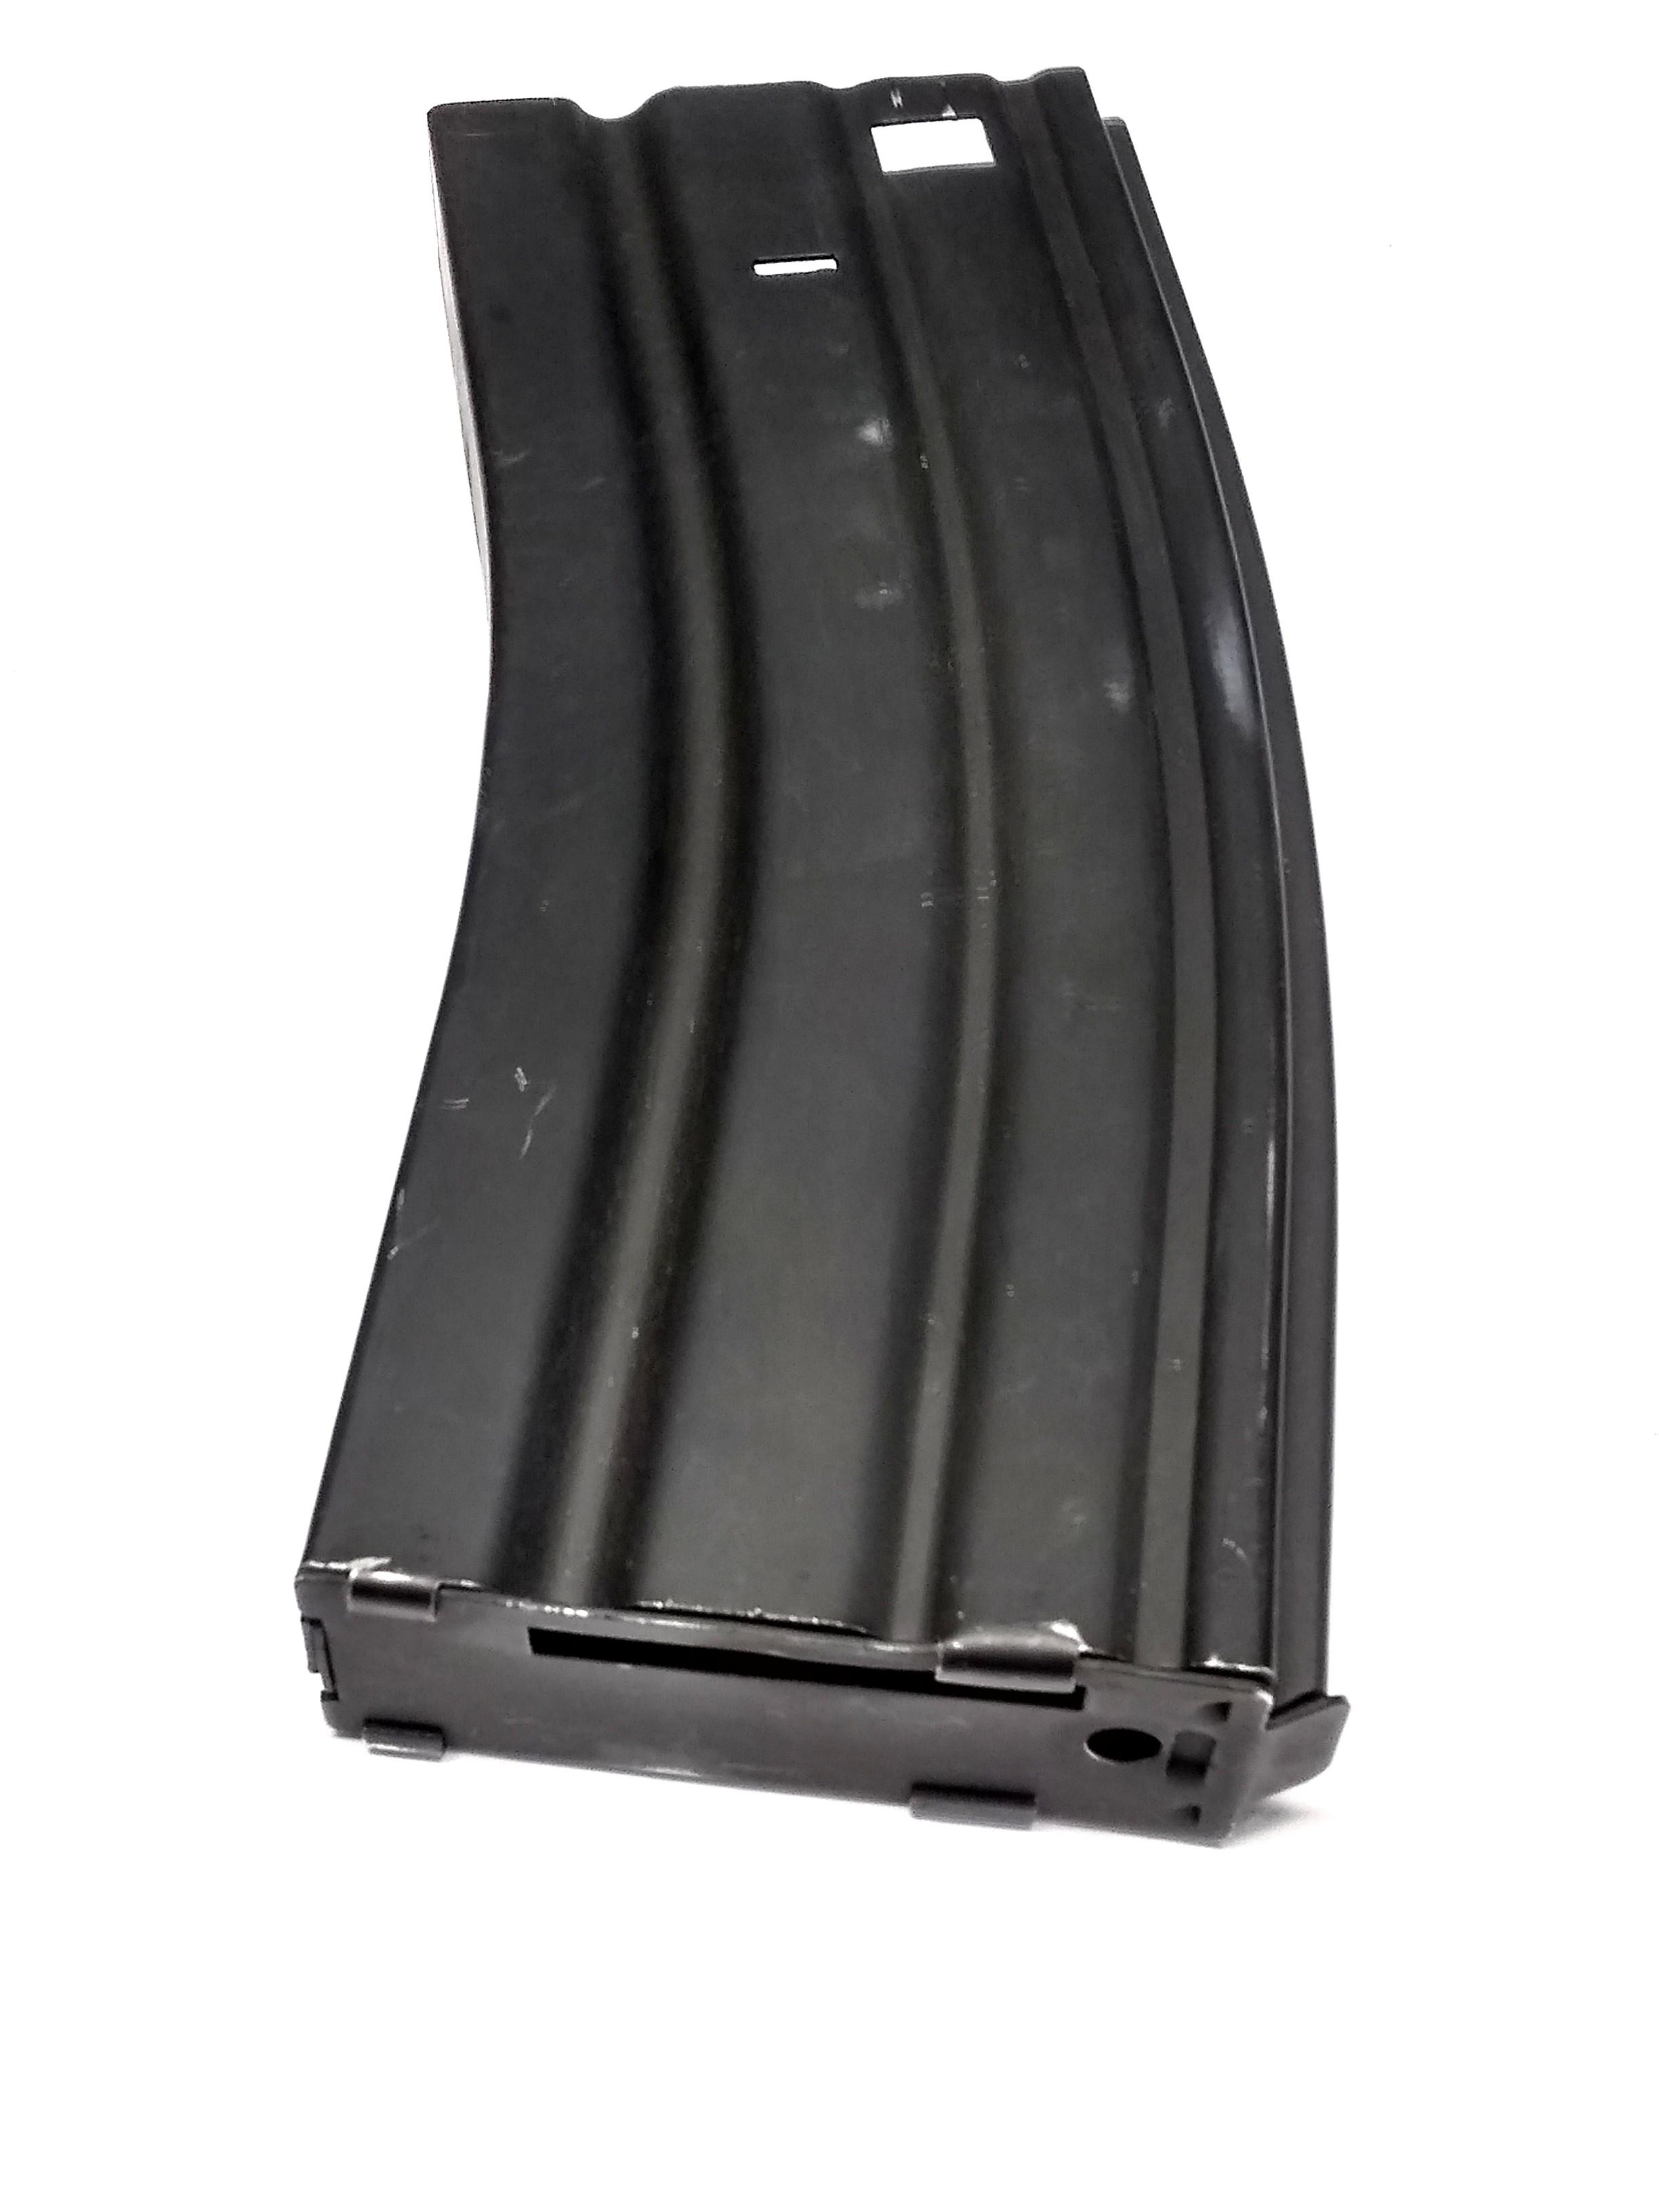 METAL M4/M16 OUTER HI-CAP MAGAZINE CASE